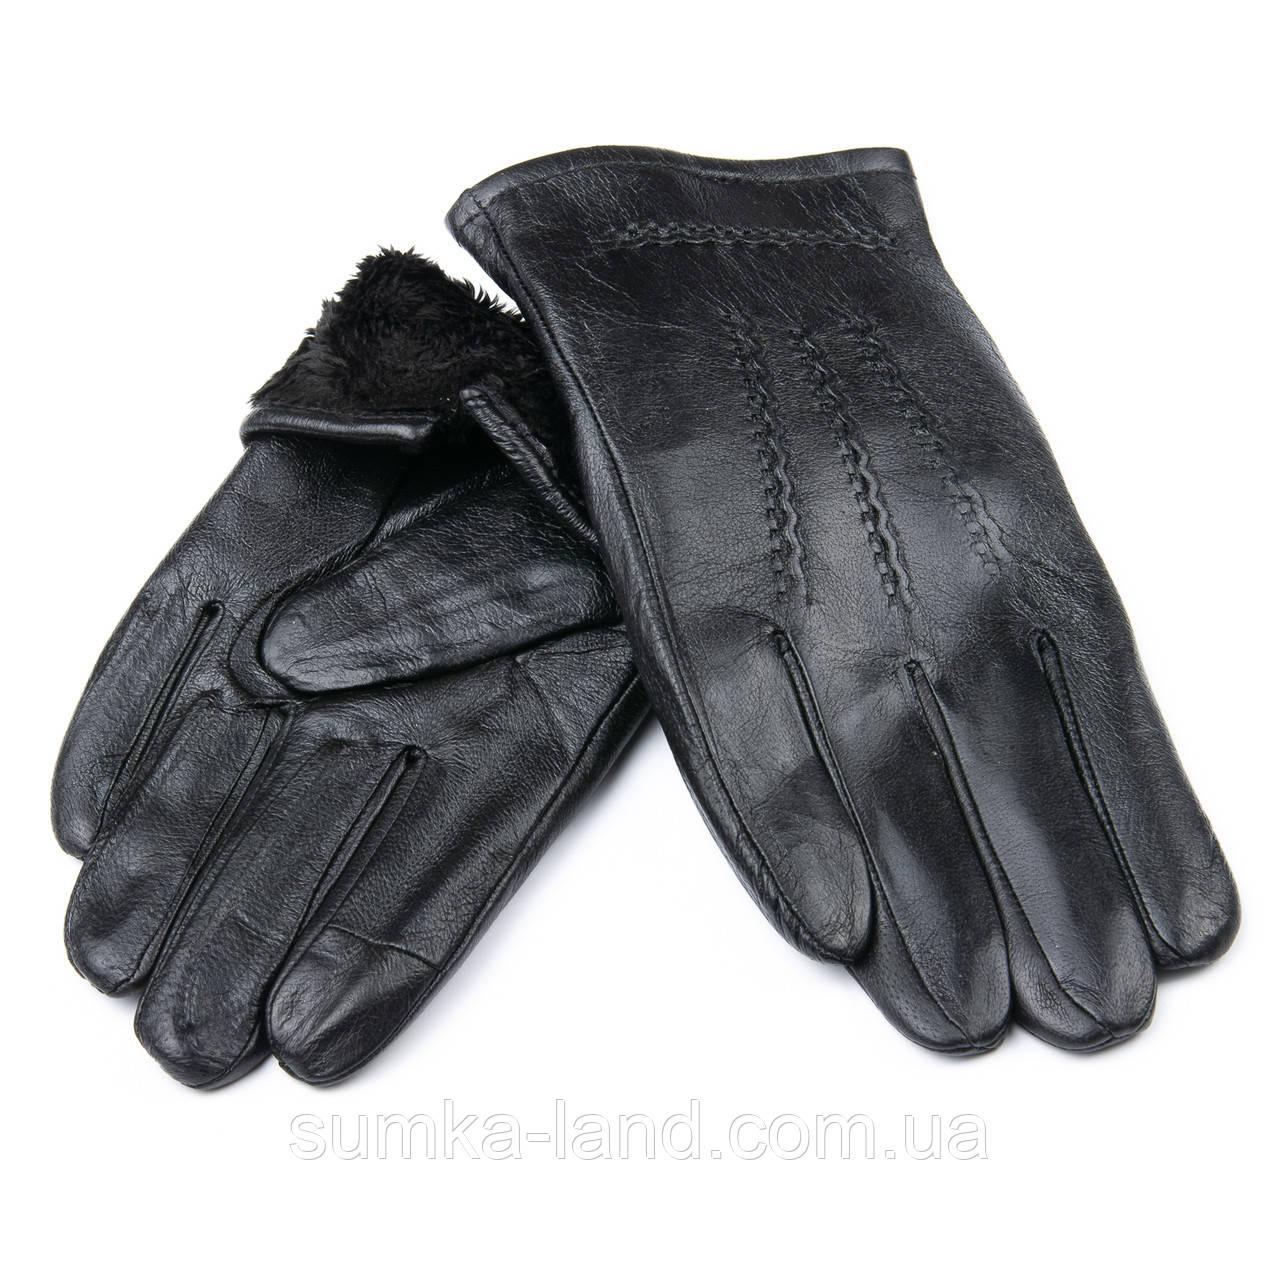 Мужские черные кожаные перчатки Palao на шерстяной подкладке